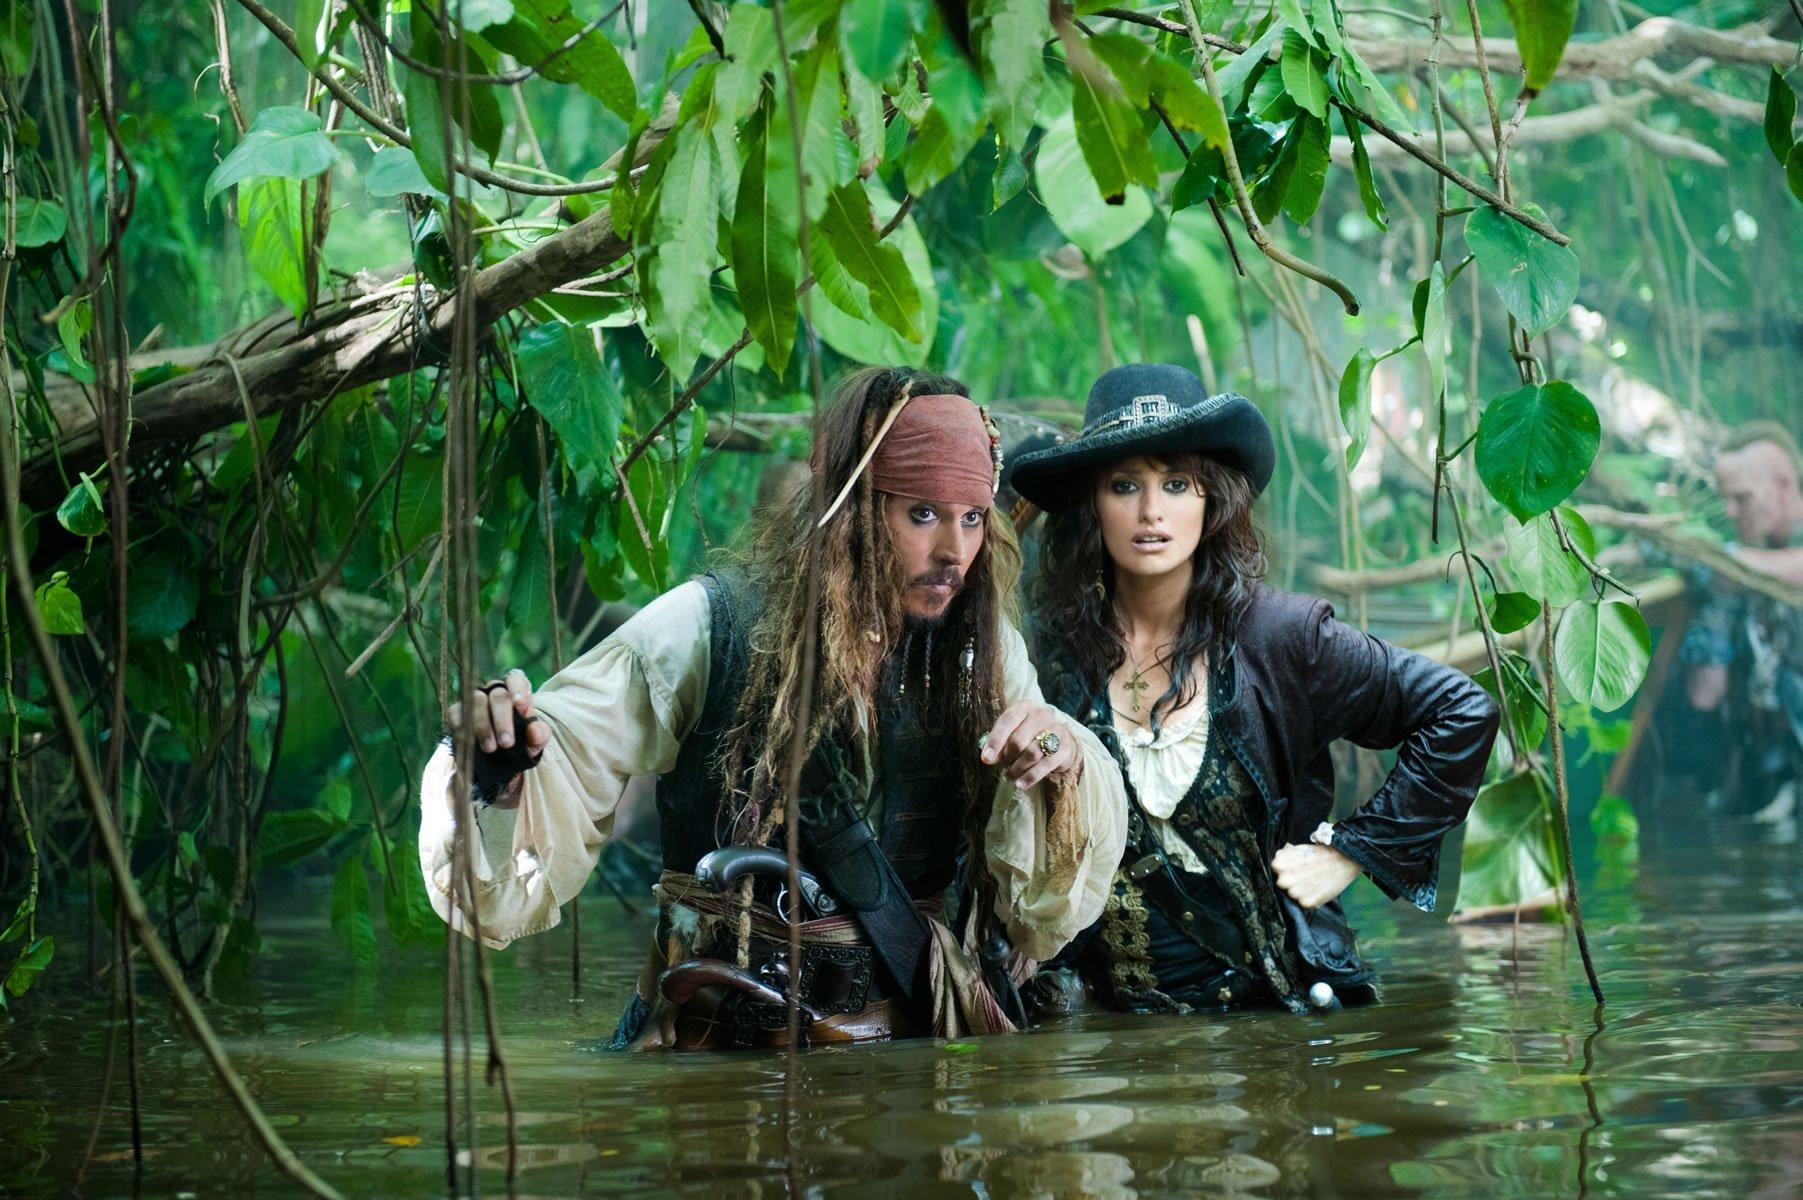 Johnny Depp and Penélope Cruz